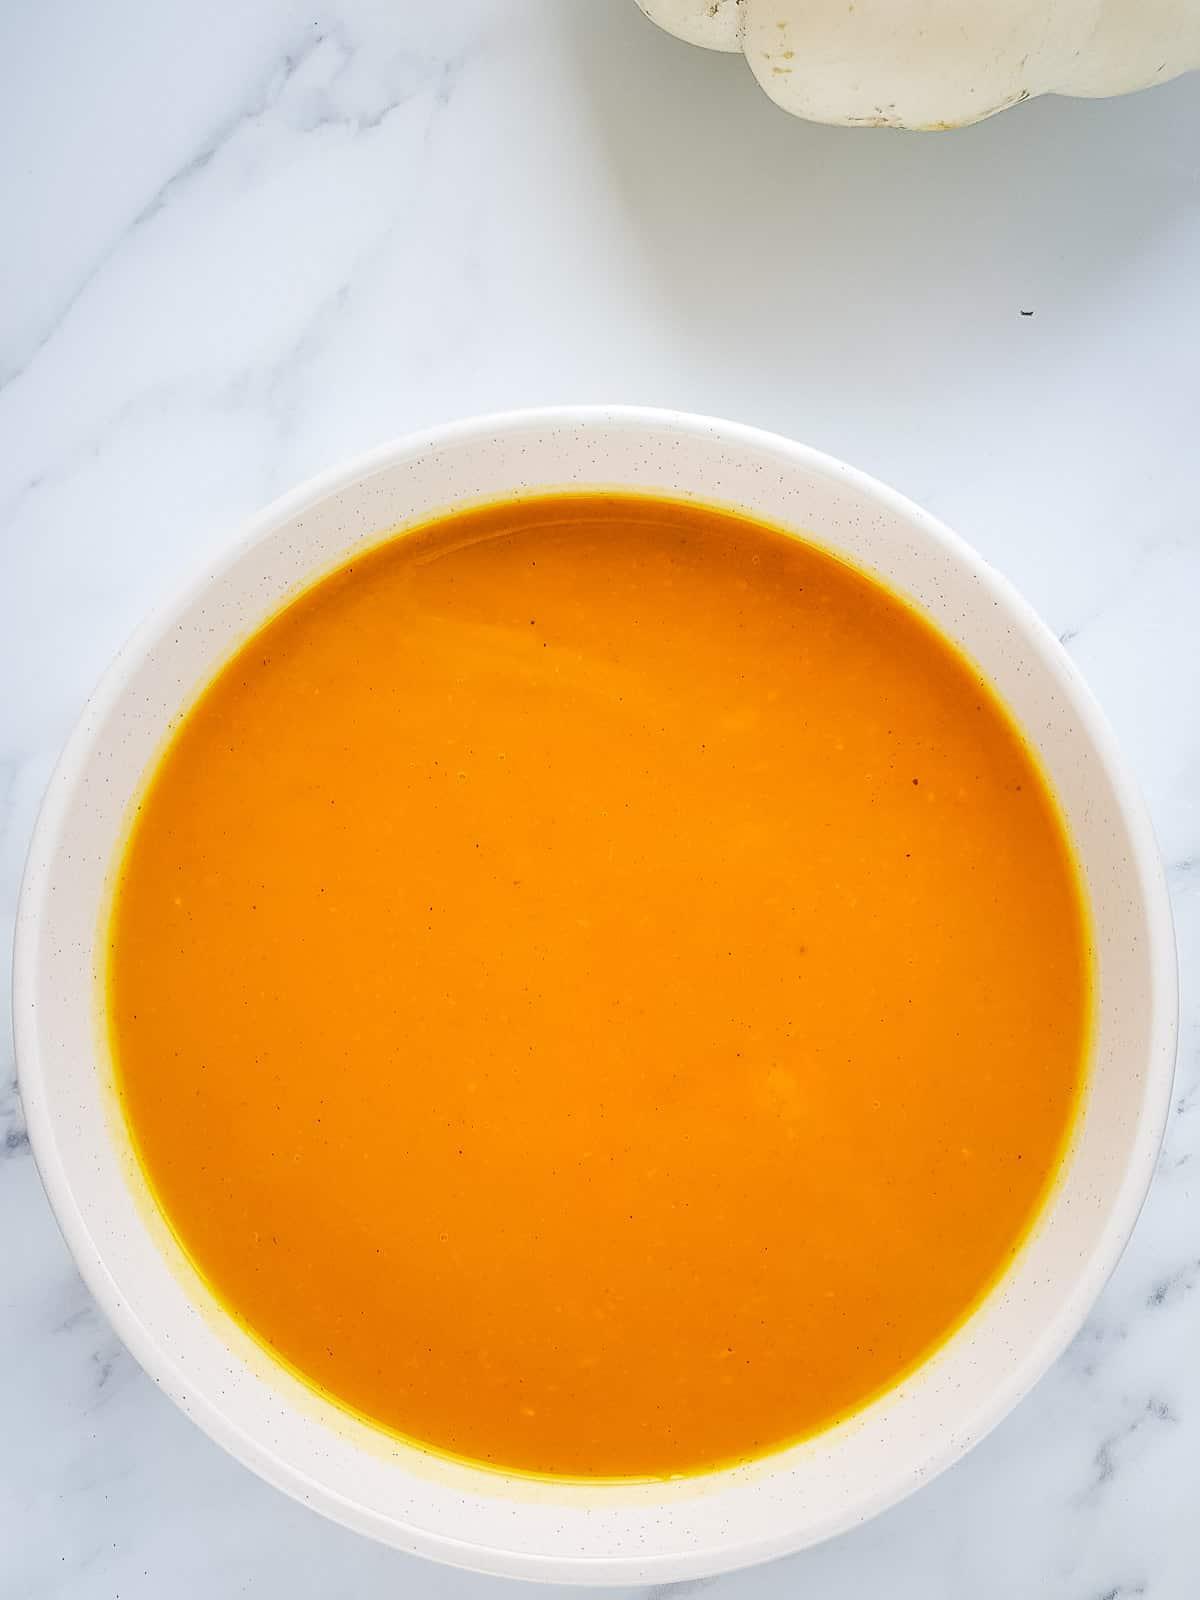 A white bowl with pumpkin soup.